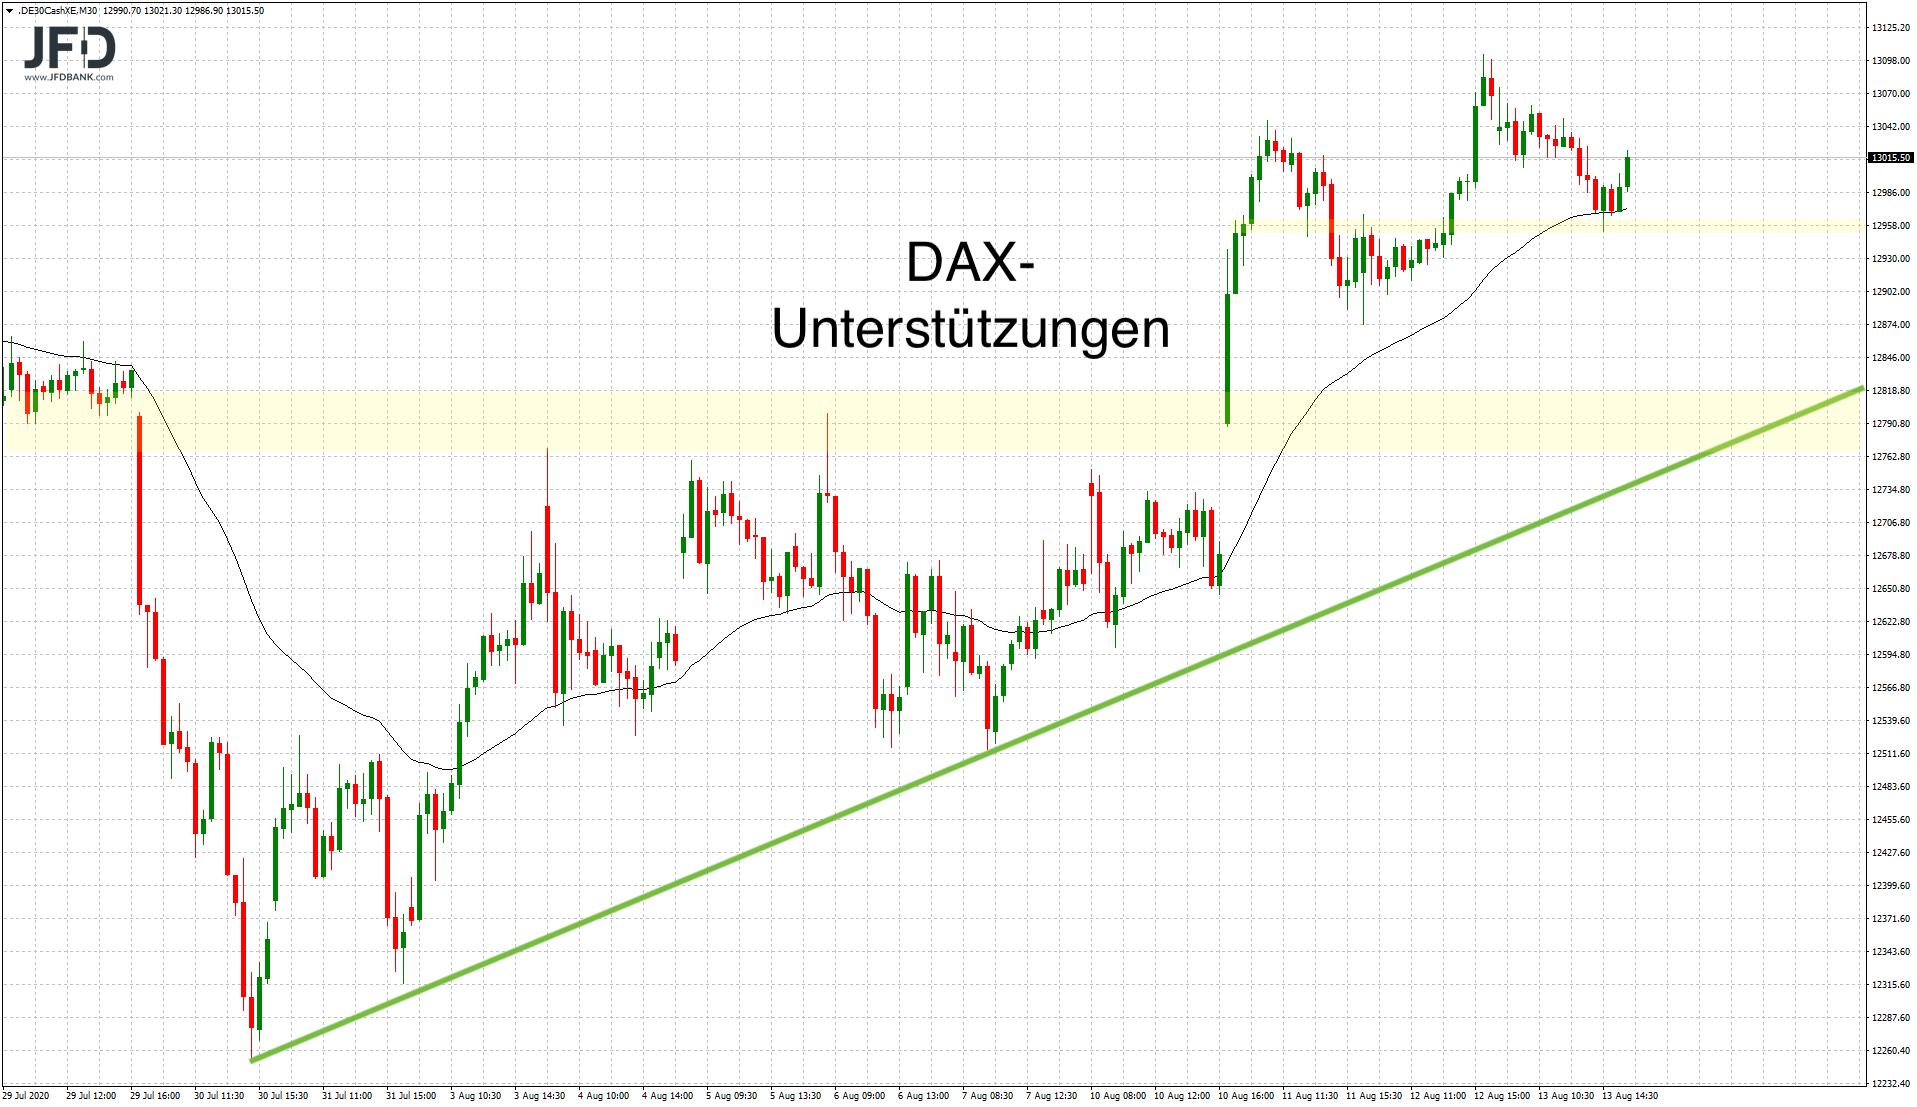 DAX-Handel-im-Fokus-der-13-000-Kommentar-JFD-Bank-GodmodeTrader.de-5